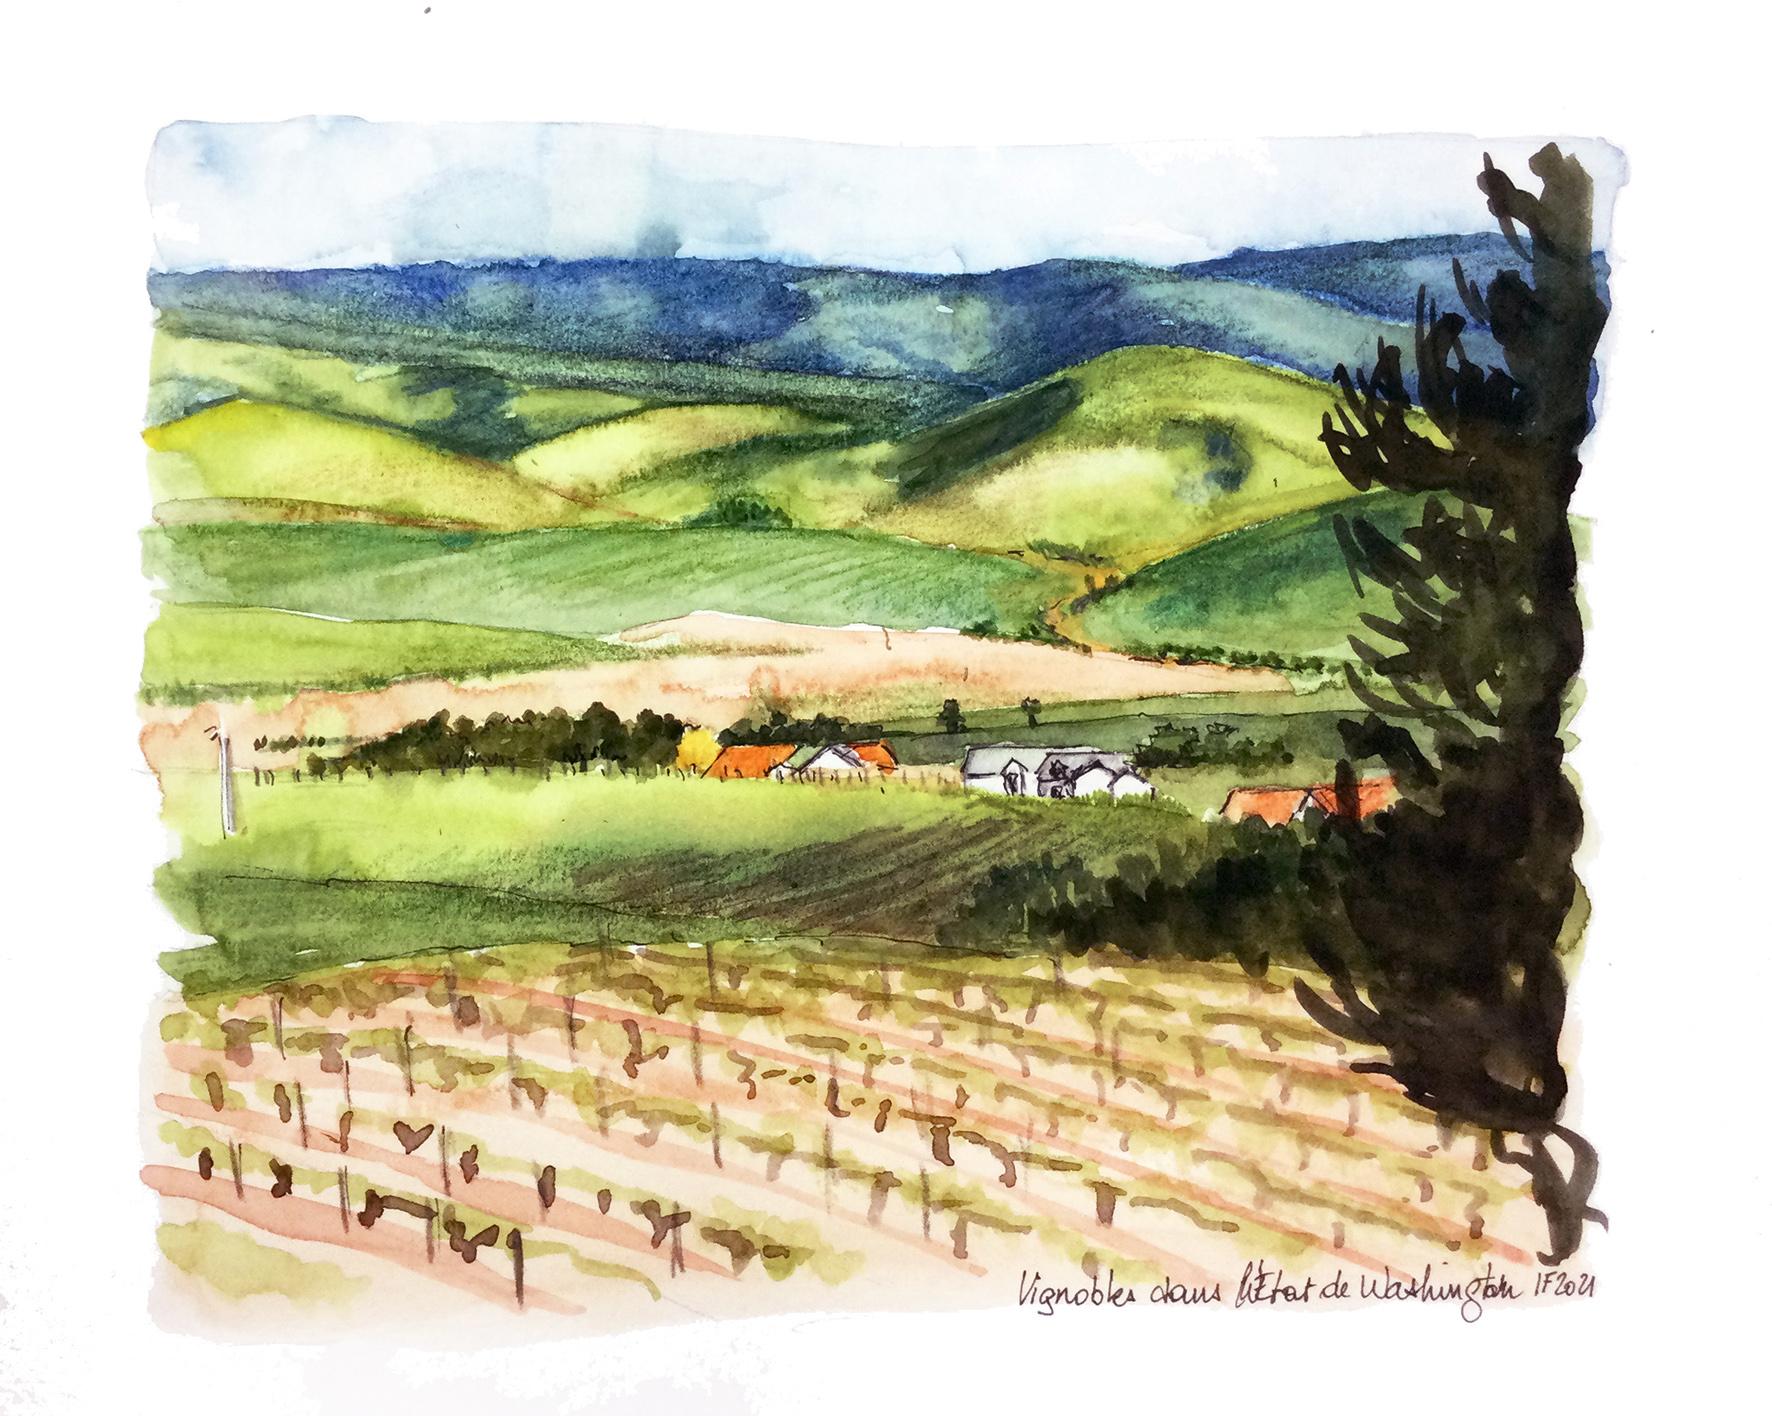 Vignobles dans l'état de Wahington - ©I.Frances 2021